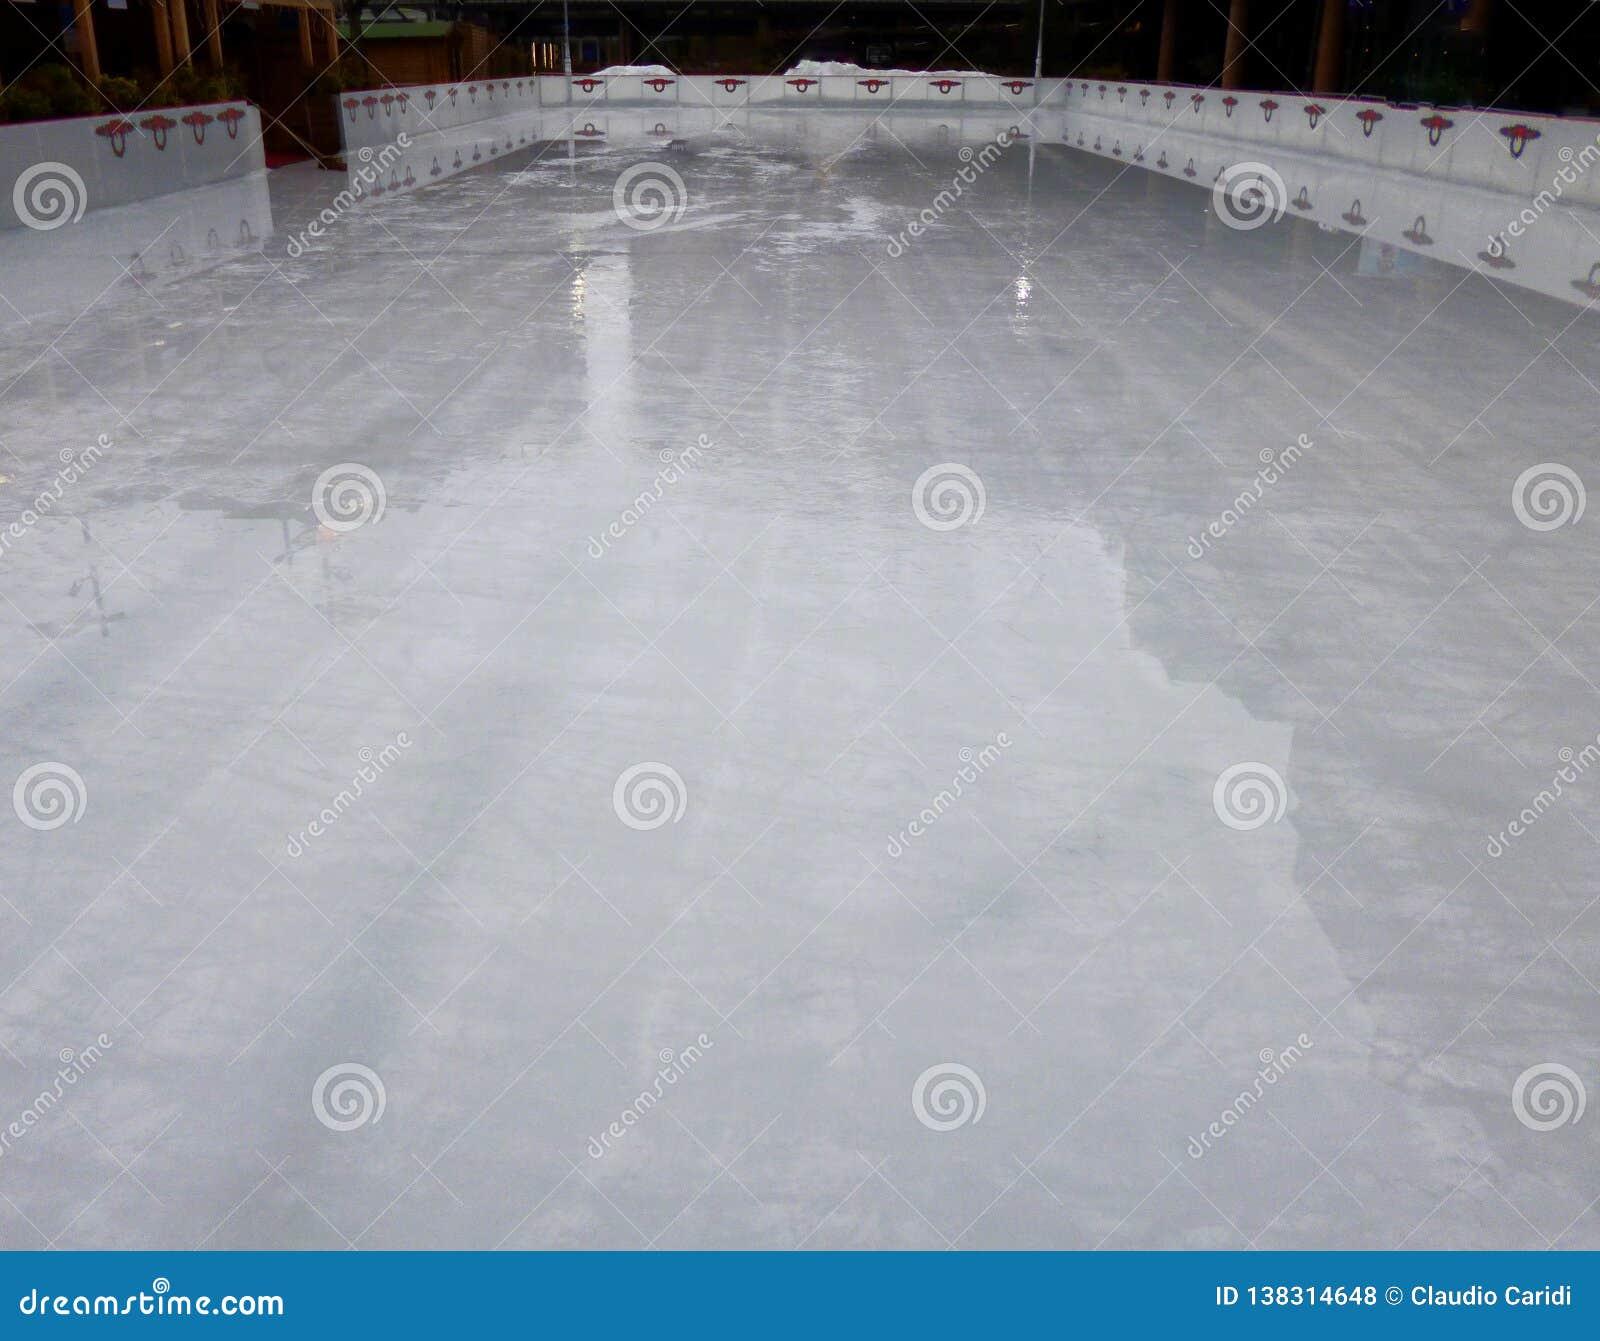 Pista de gelo vazia, arena de patinagem